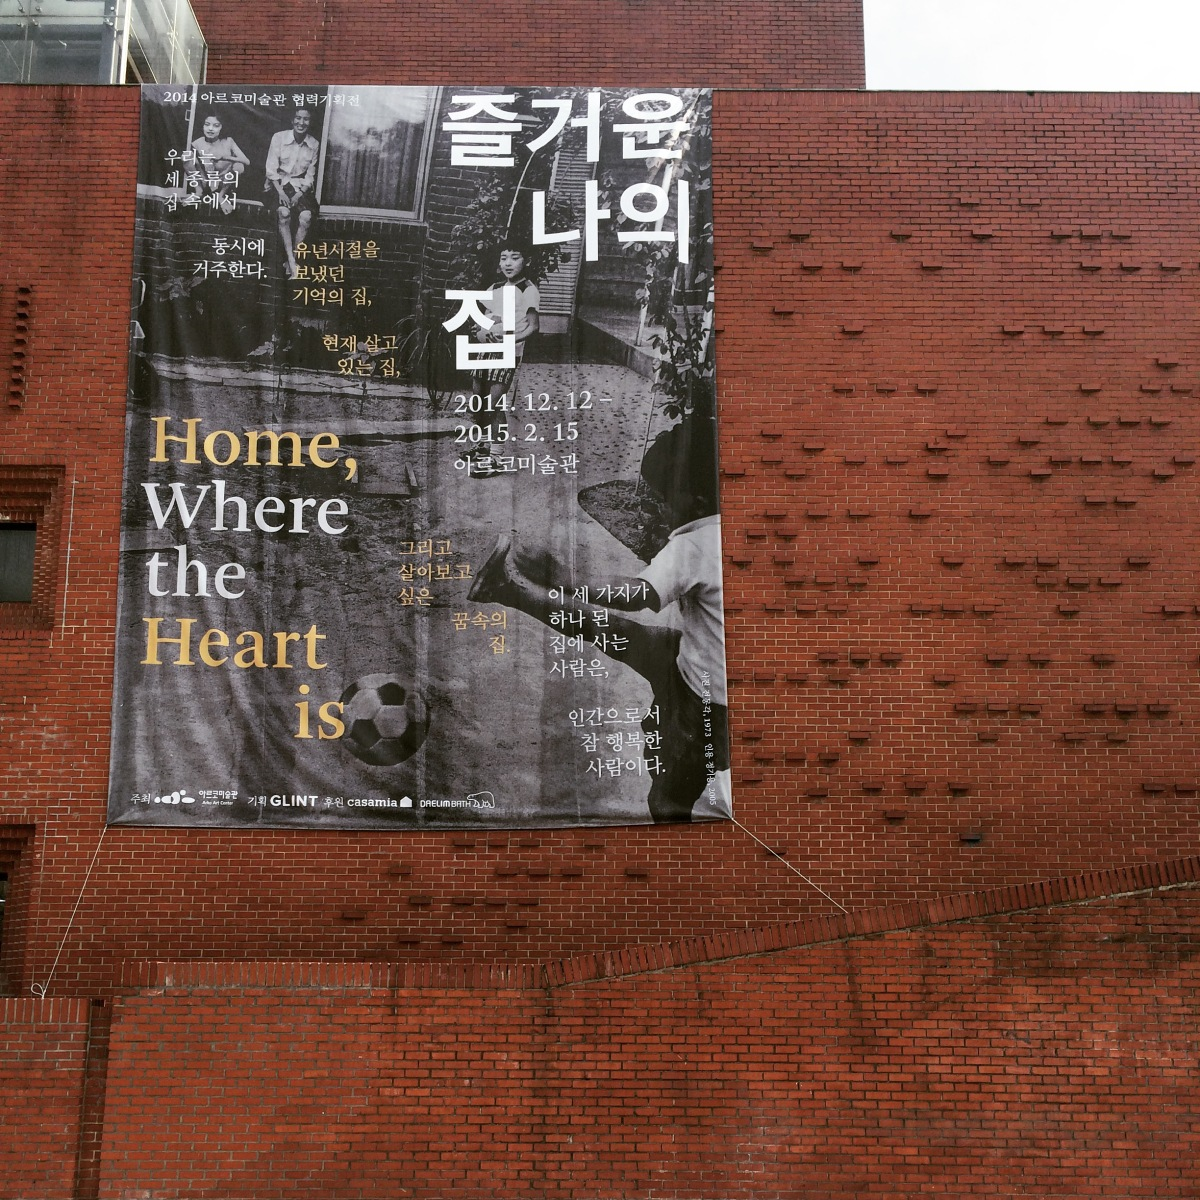 [전시]즐거운 나의 집 – 2015.2. 서울아르코미술관